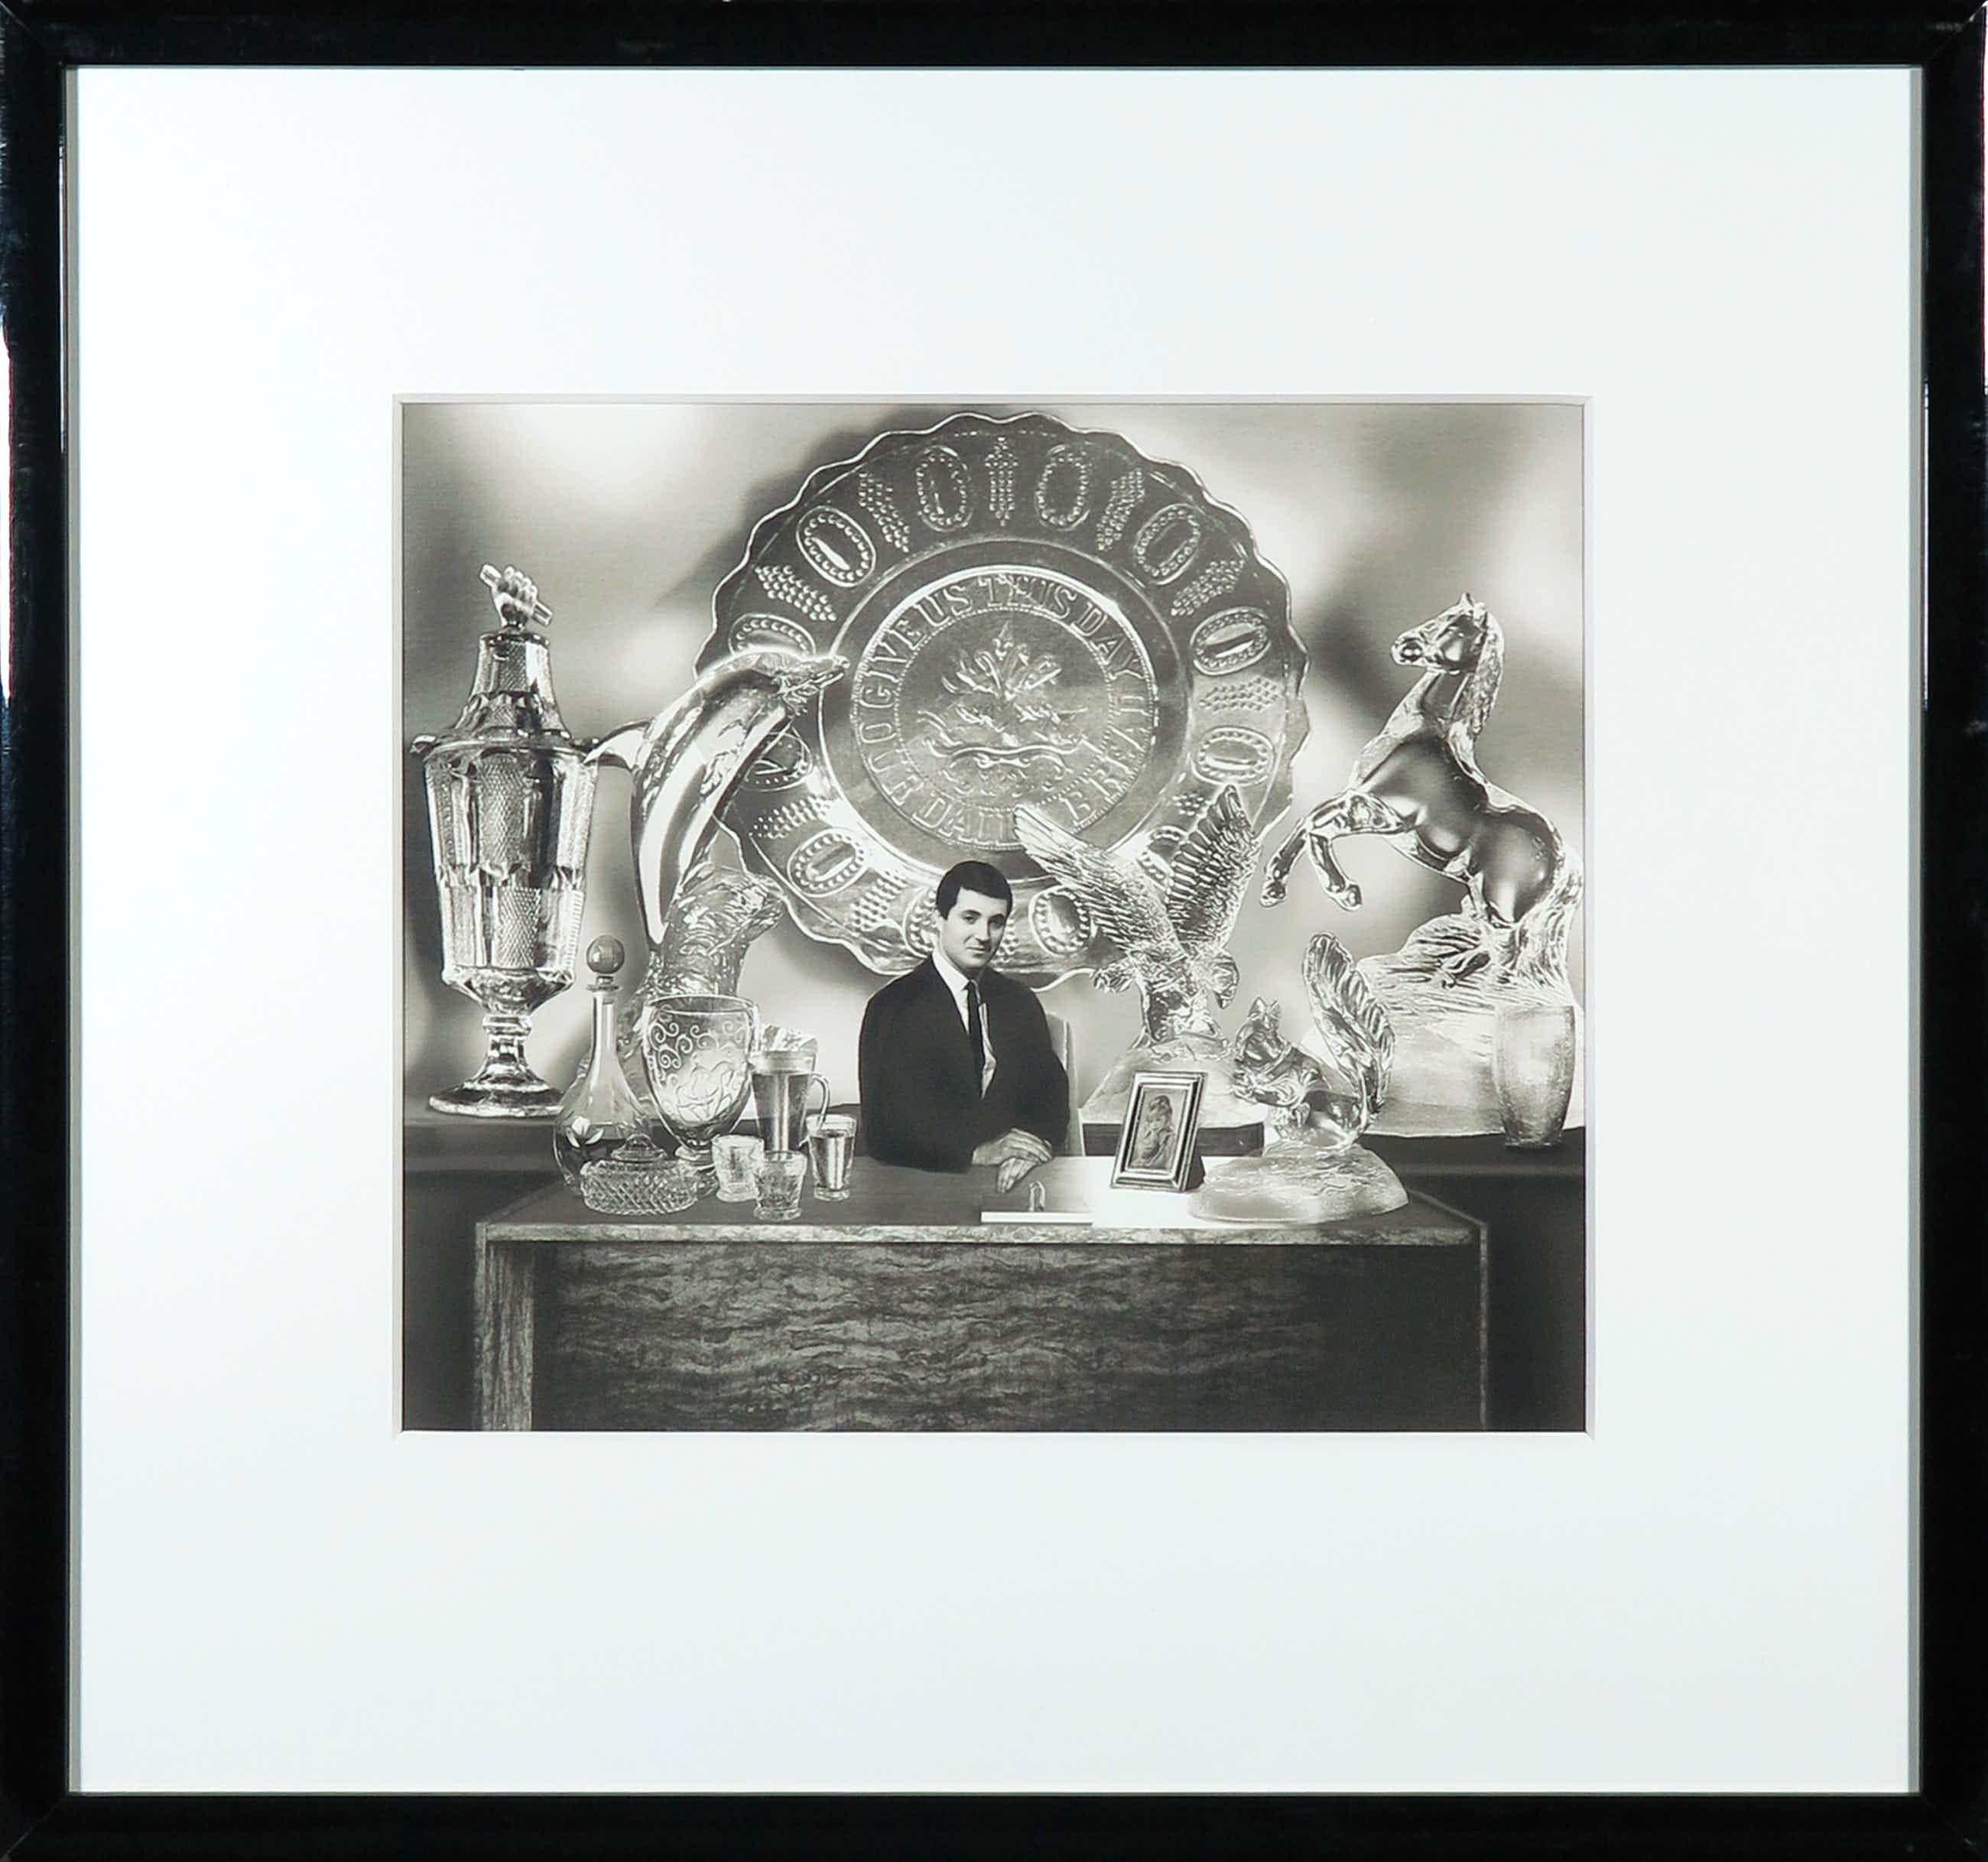 Ruud van Empel - Pigmentprint, The Office #4 - Ingelijst kopen? Bied vanaf 510!